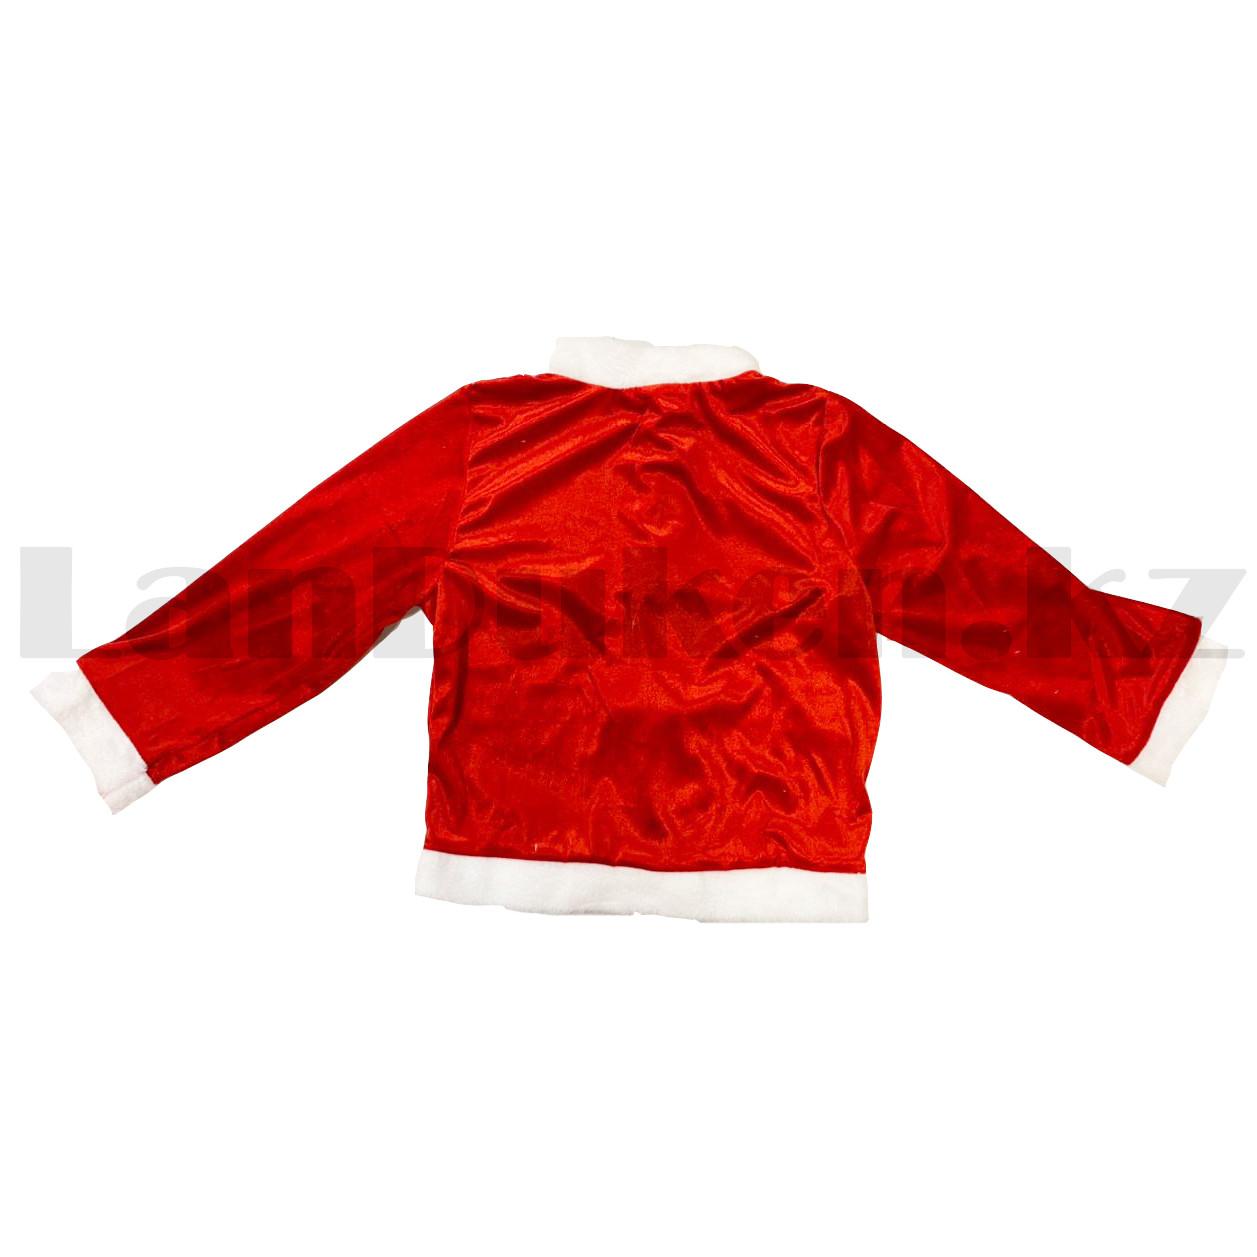 Костюм детский карнавальный раздельный Деда Мороза Аяз Ата красный - фото 4